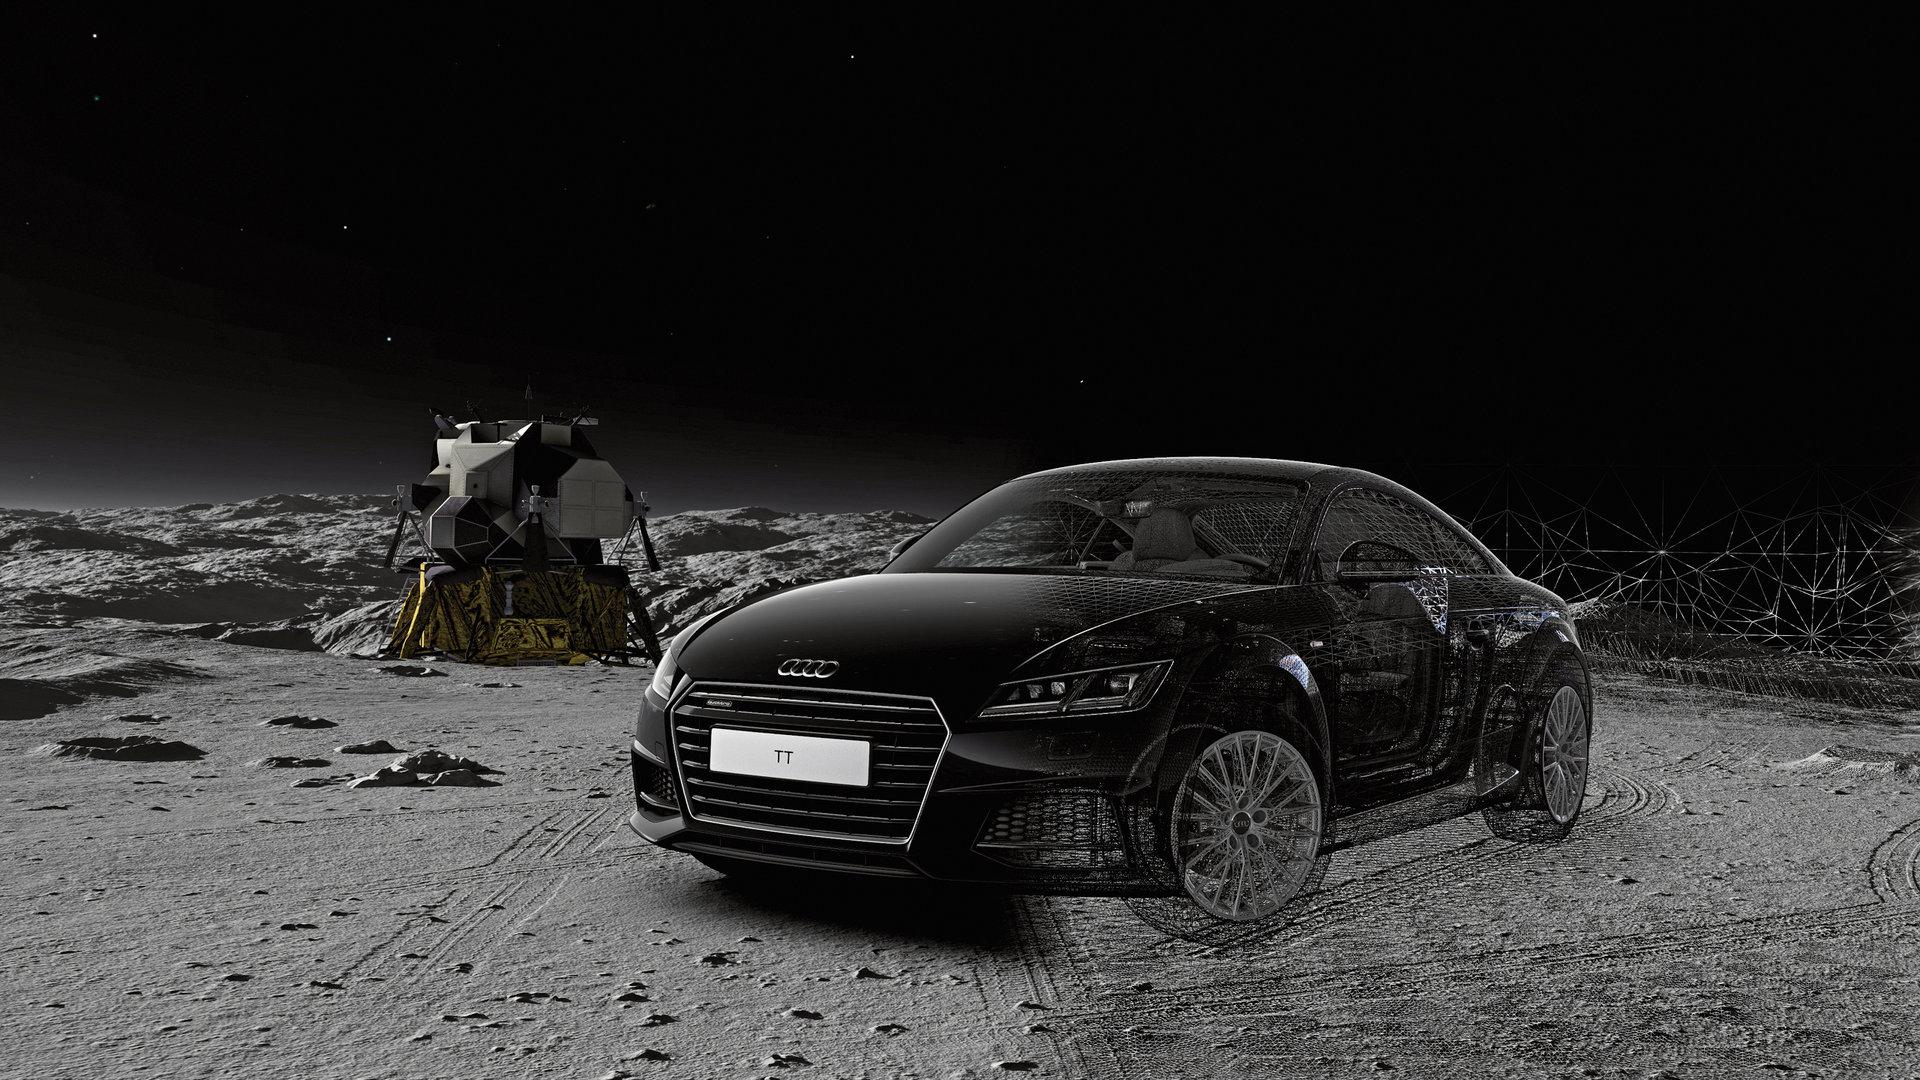 Audi TT auf dem Mond